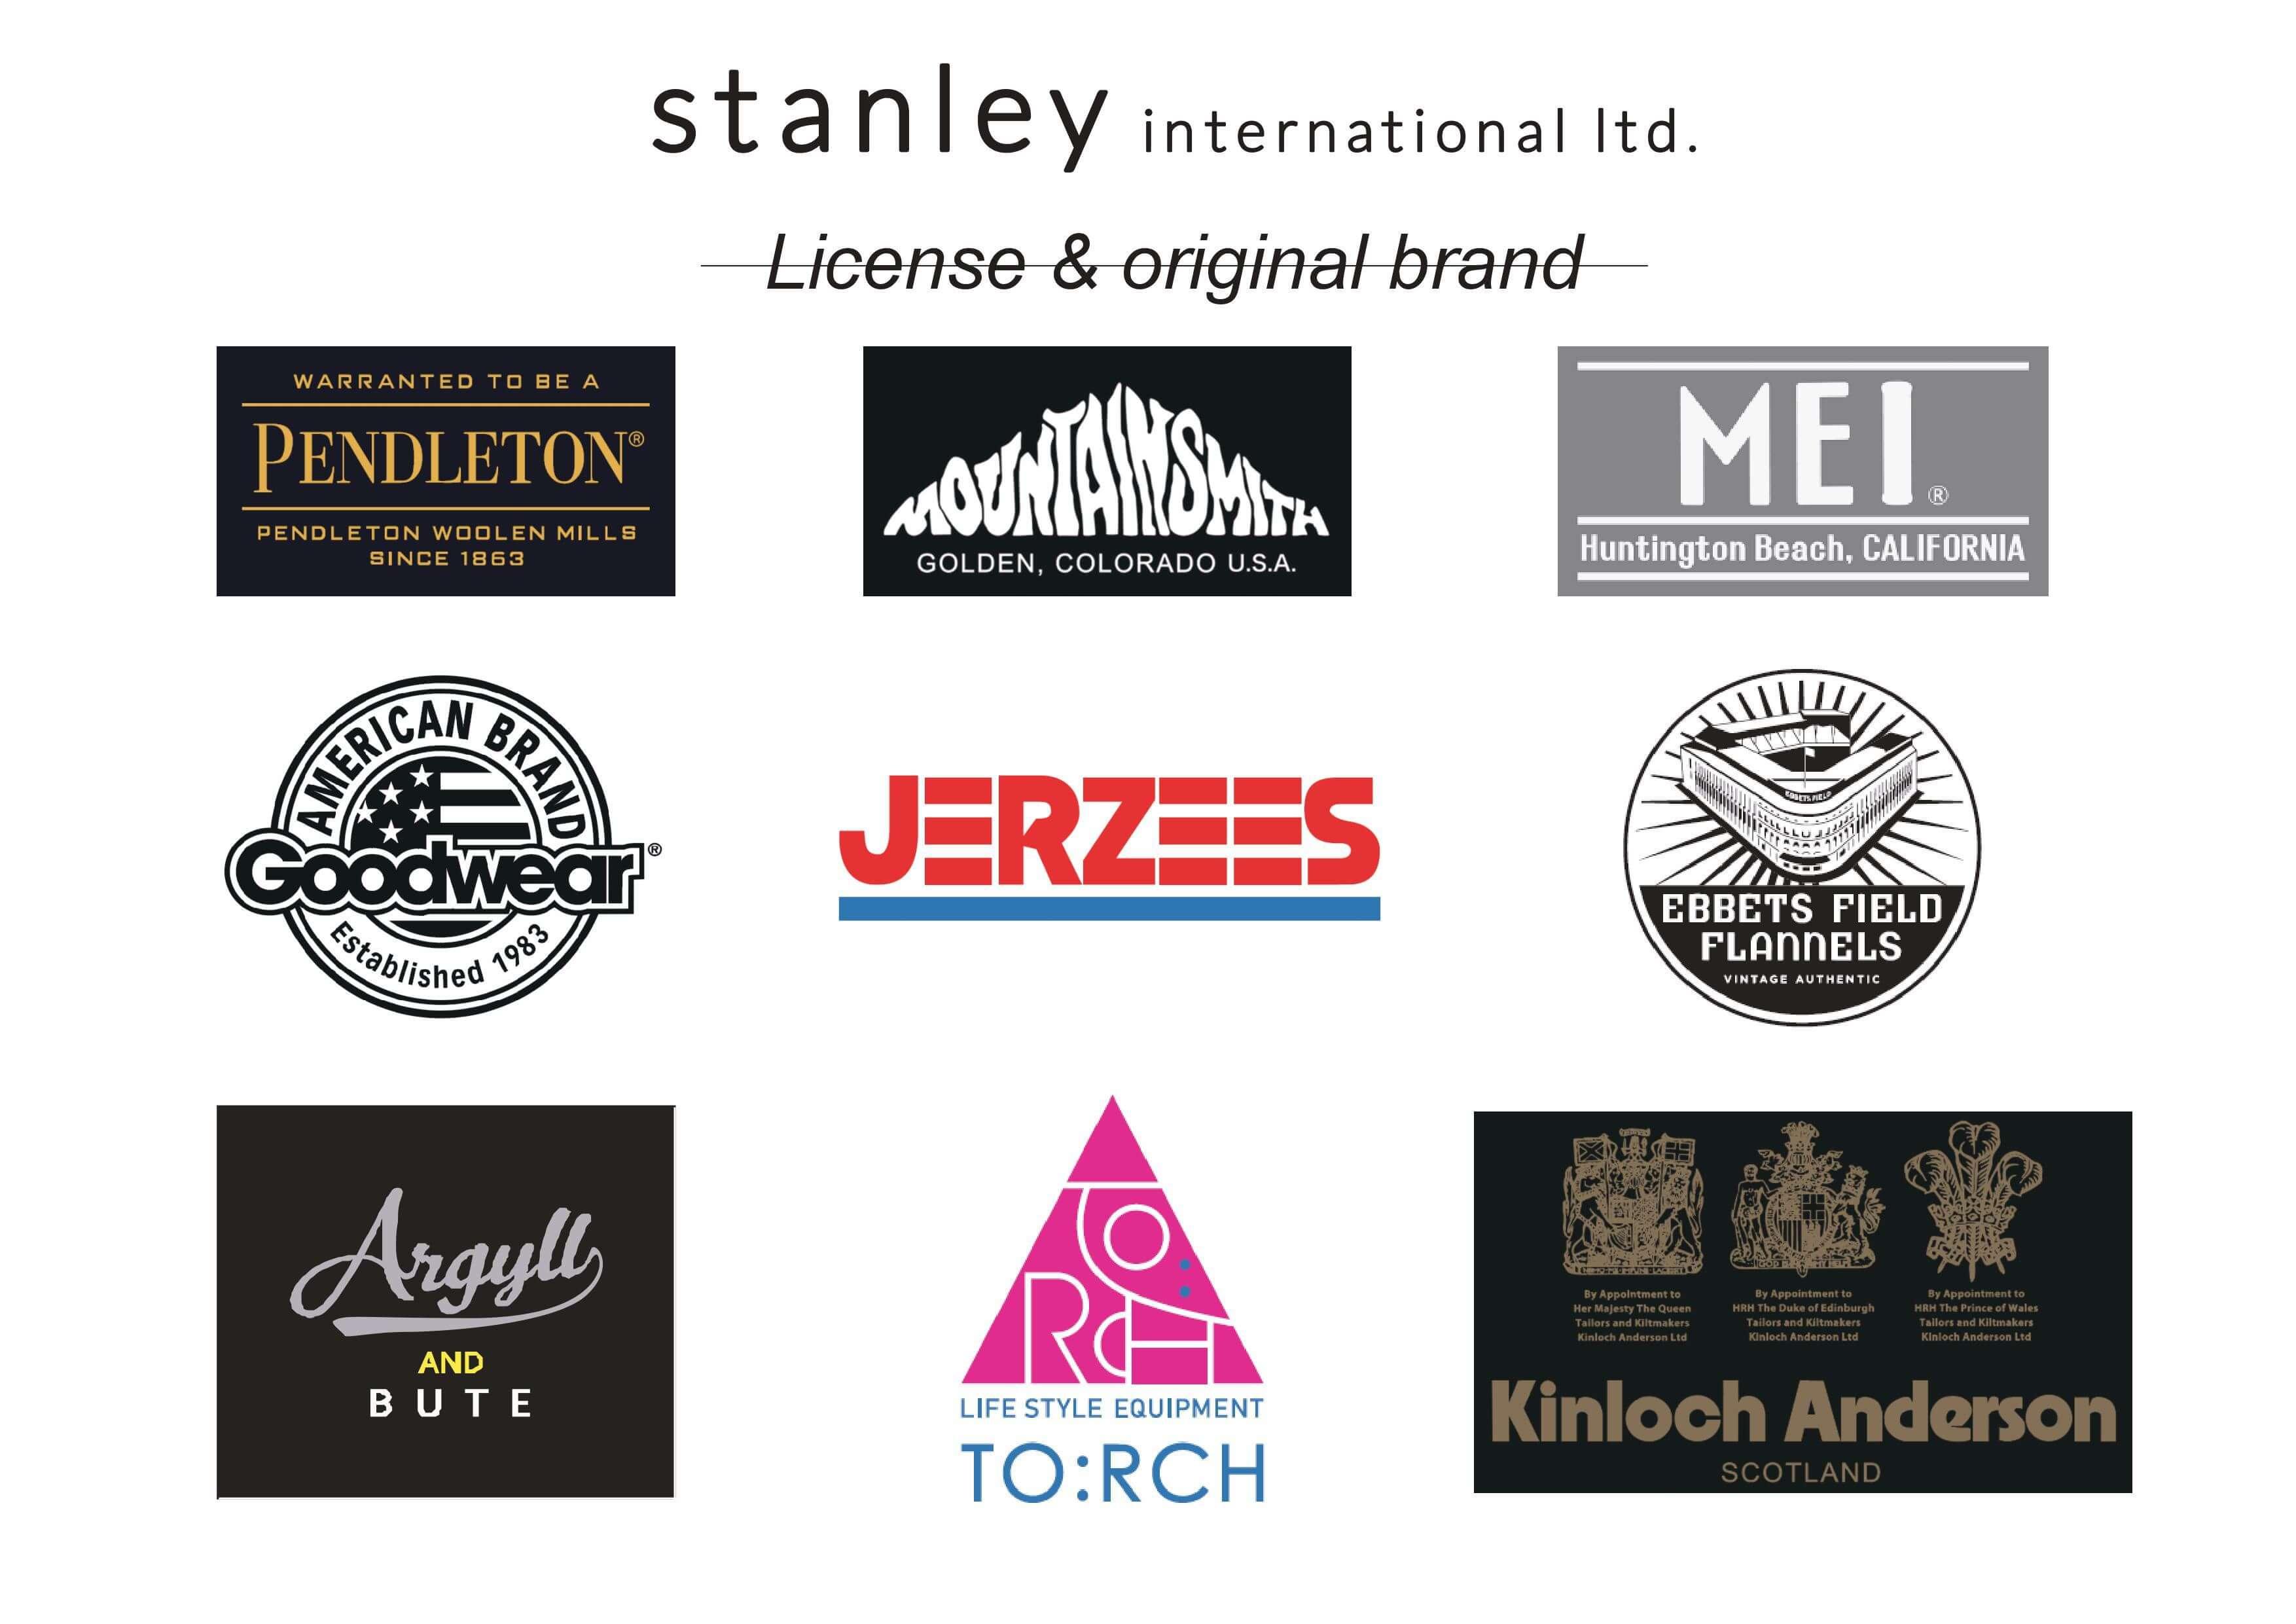 商品企画や生産管理伝ってください!ファッション雑貨/アパレルウェアの企画製造管理のカバー写真